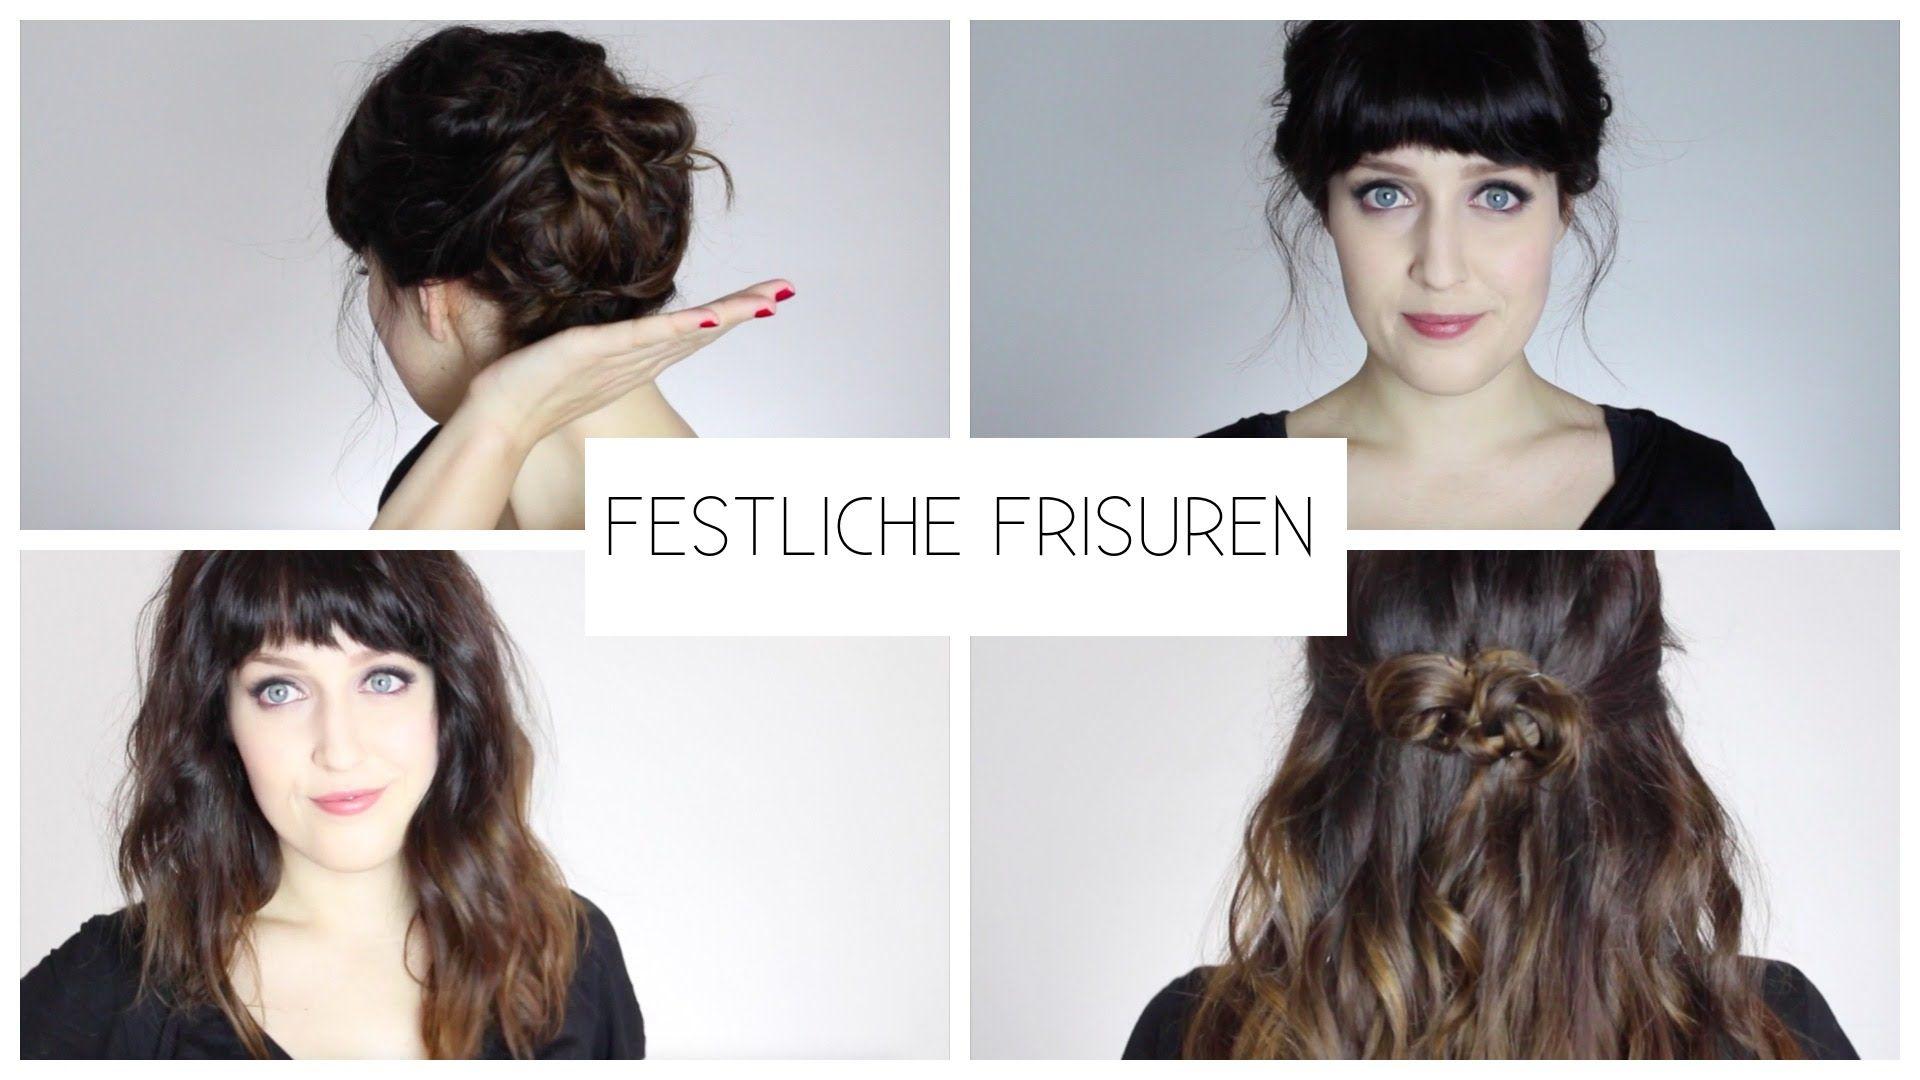 Bob Frisur Festlich Stylen Best Haare Frisuren Schönsten Looks